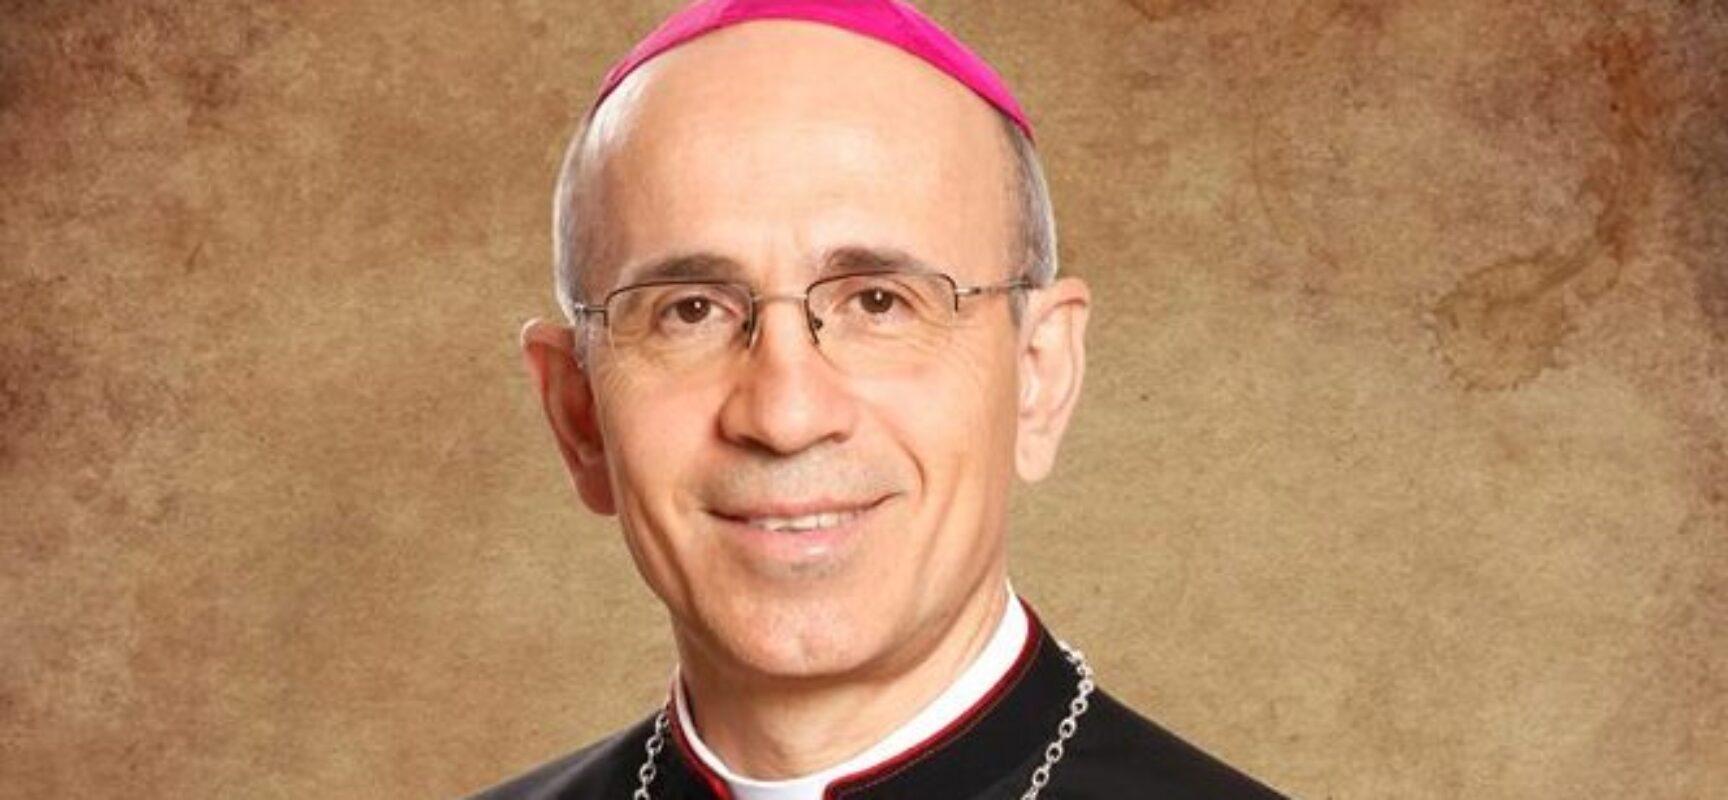 Vereador Edvaldo Gomes apresenta Mocão e destaque pela nomeação do novo Bispo de Ilhéus, Dom Giovanni Crippa